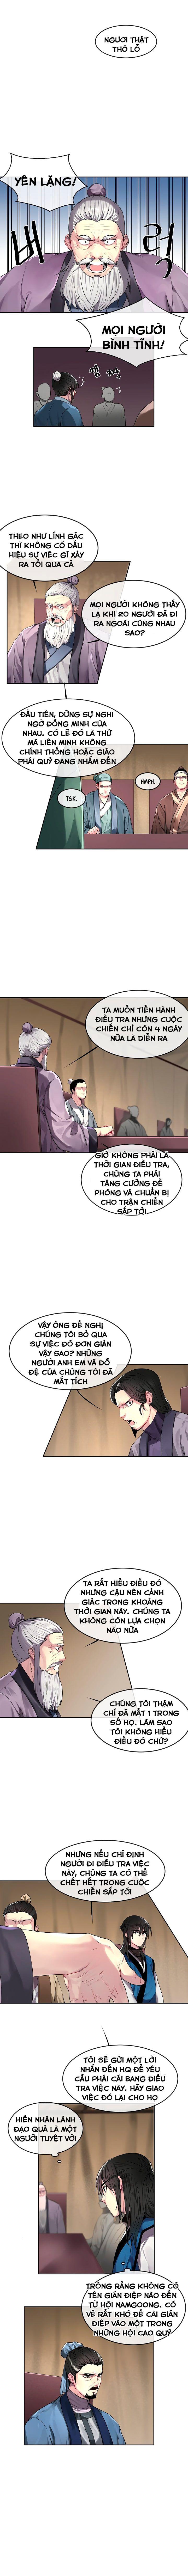 Volcanic Age - Huyết Chiến Hoa Sơn Chapter 75 - Trang 4